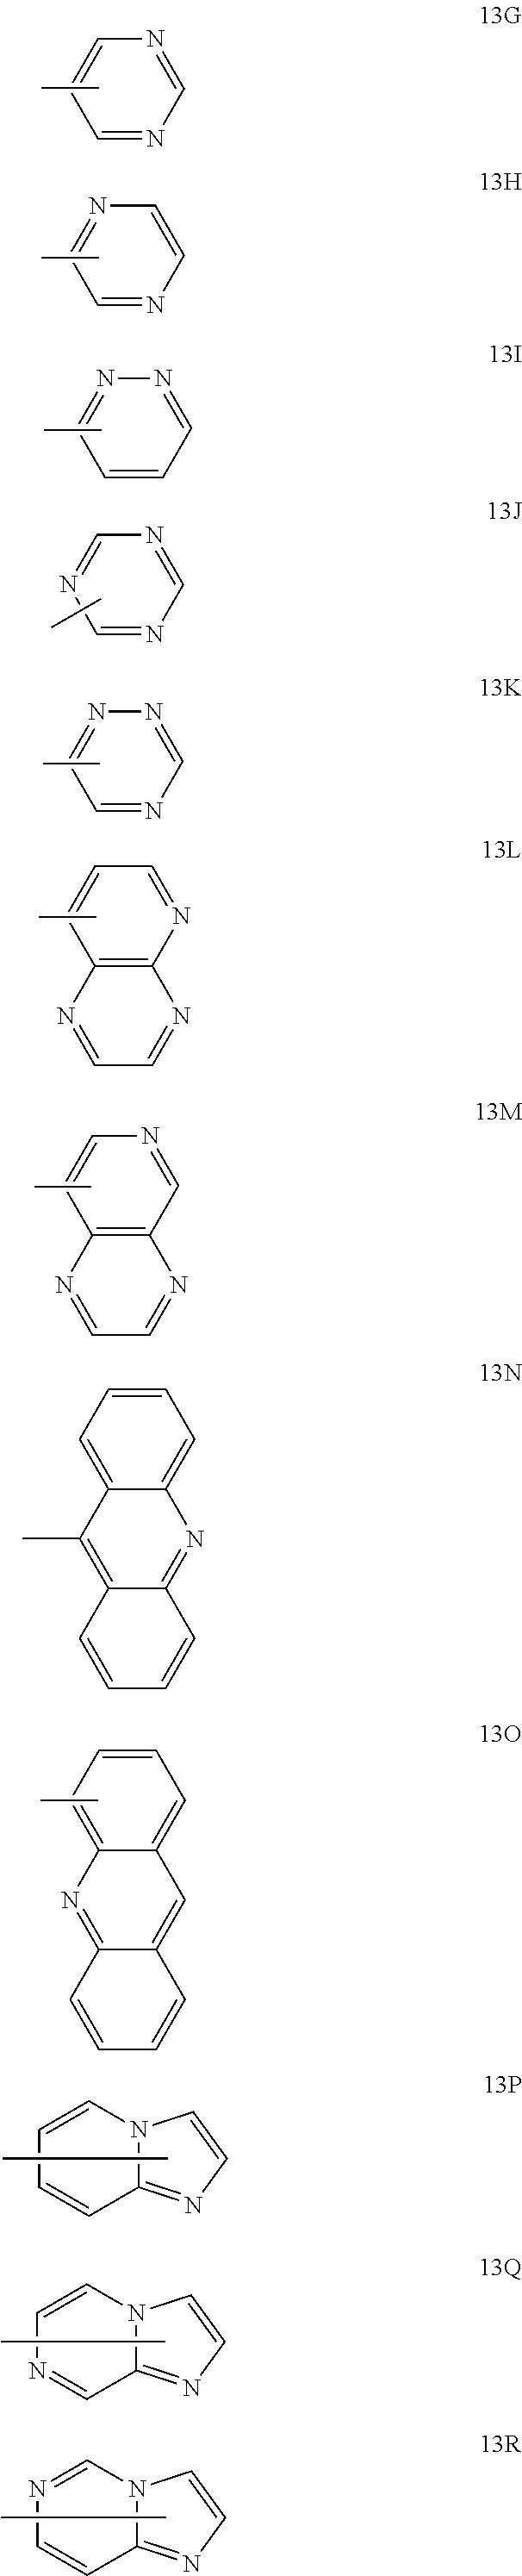 Figure US07875367-20110125-C00019